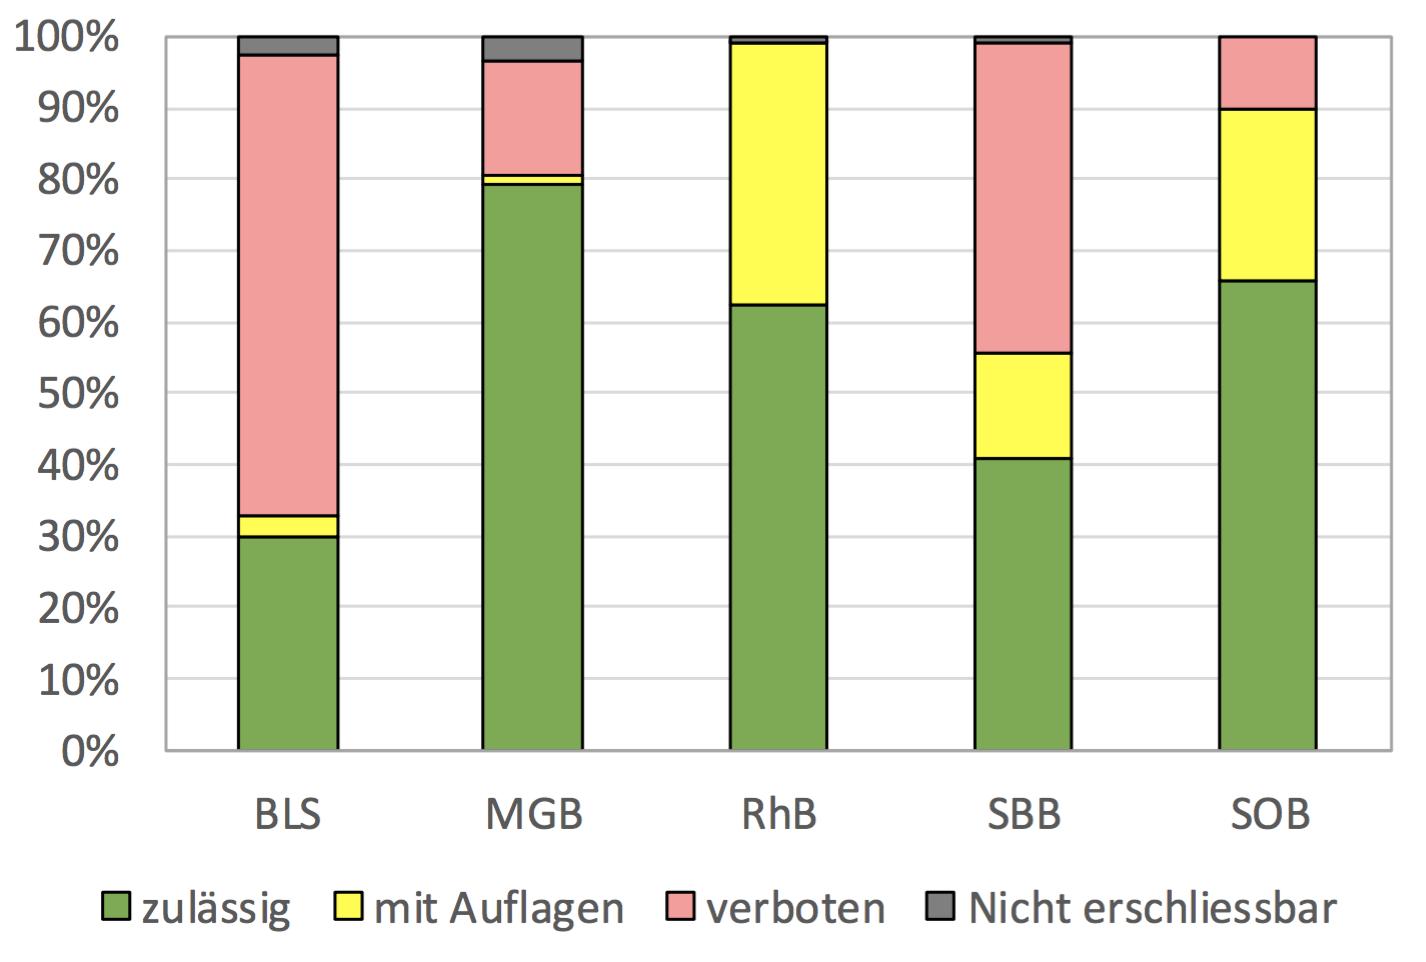 Erschliessbares Potenzial nach Bahnen (BLS = Bern-Lötschberg-Simplon-Bahn | MGB = Matterhorn-Gotthard-Bahn | RhB = Rhätische Bahn | SBB = Schweizerische Bundesbahn | SOB = Südostbahn) Bildquellen: Potenzial geothermischer Weichenheizungen in der Schweiz. Studie im Auftrag des BAV. Präsentation der beiden Unternehmen Grüniger und Geowatt, 24.01.2017